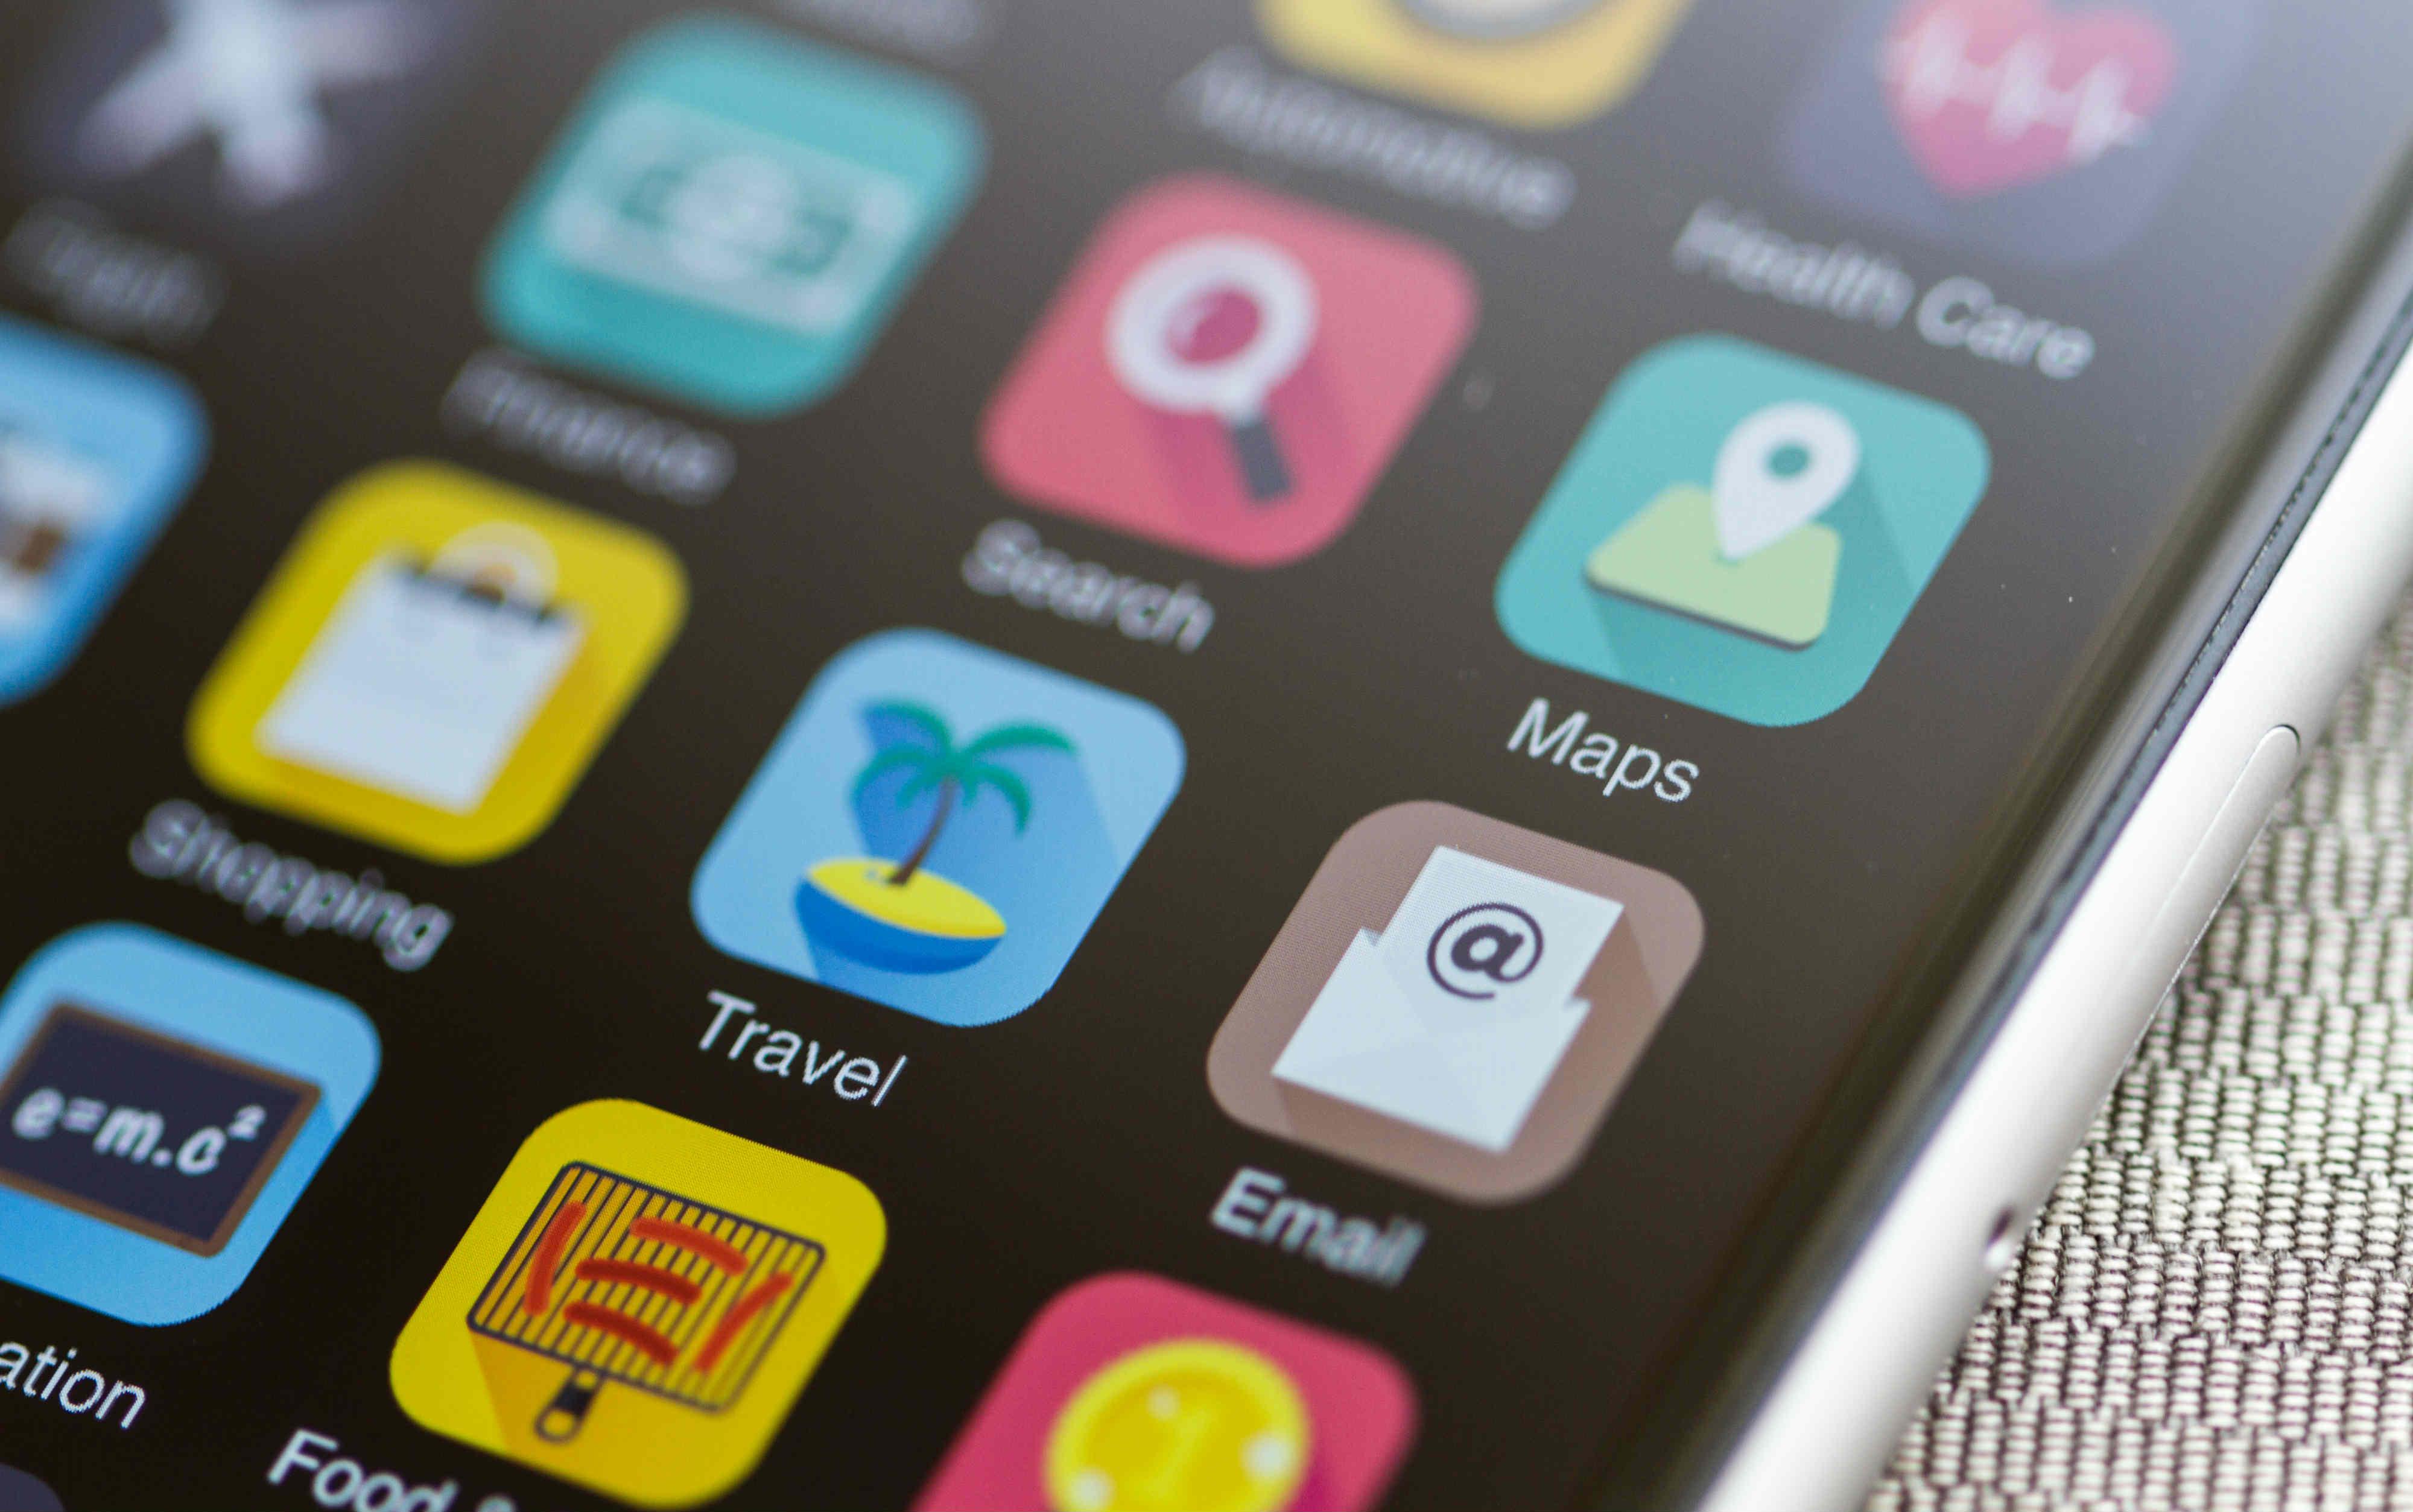 iPhoneをauからソフトバンクに乗り換え(MNP)料金比較と手順